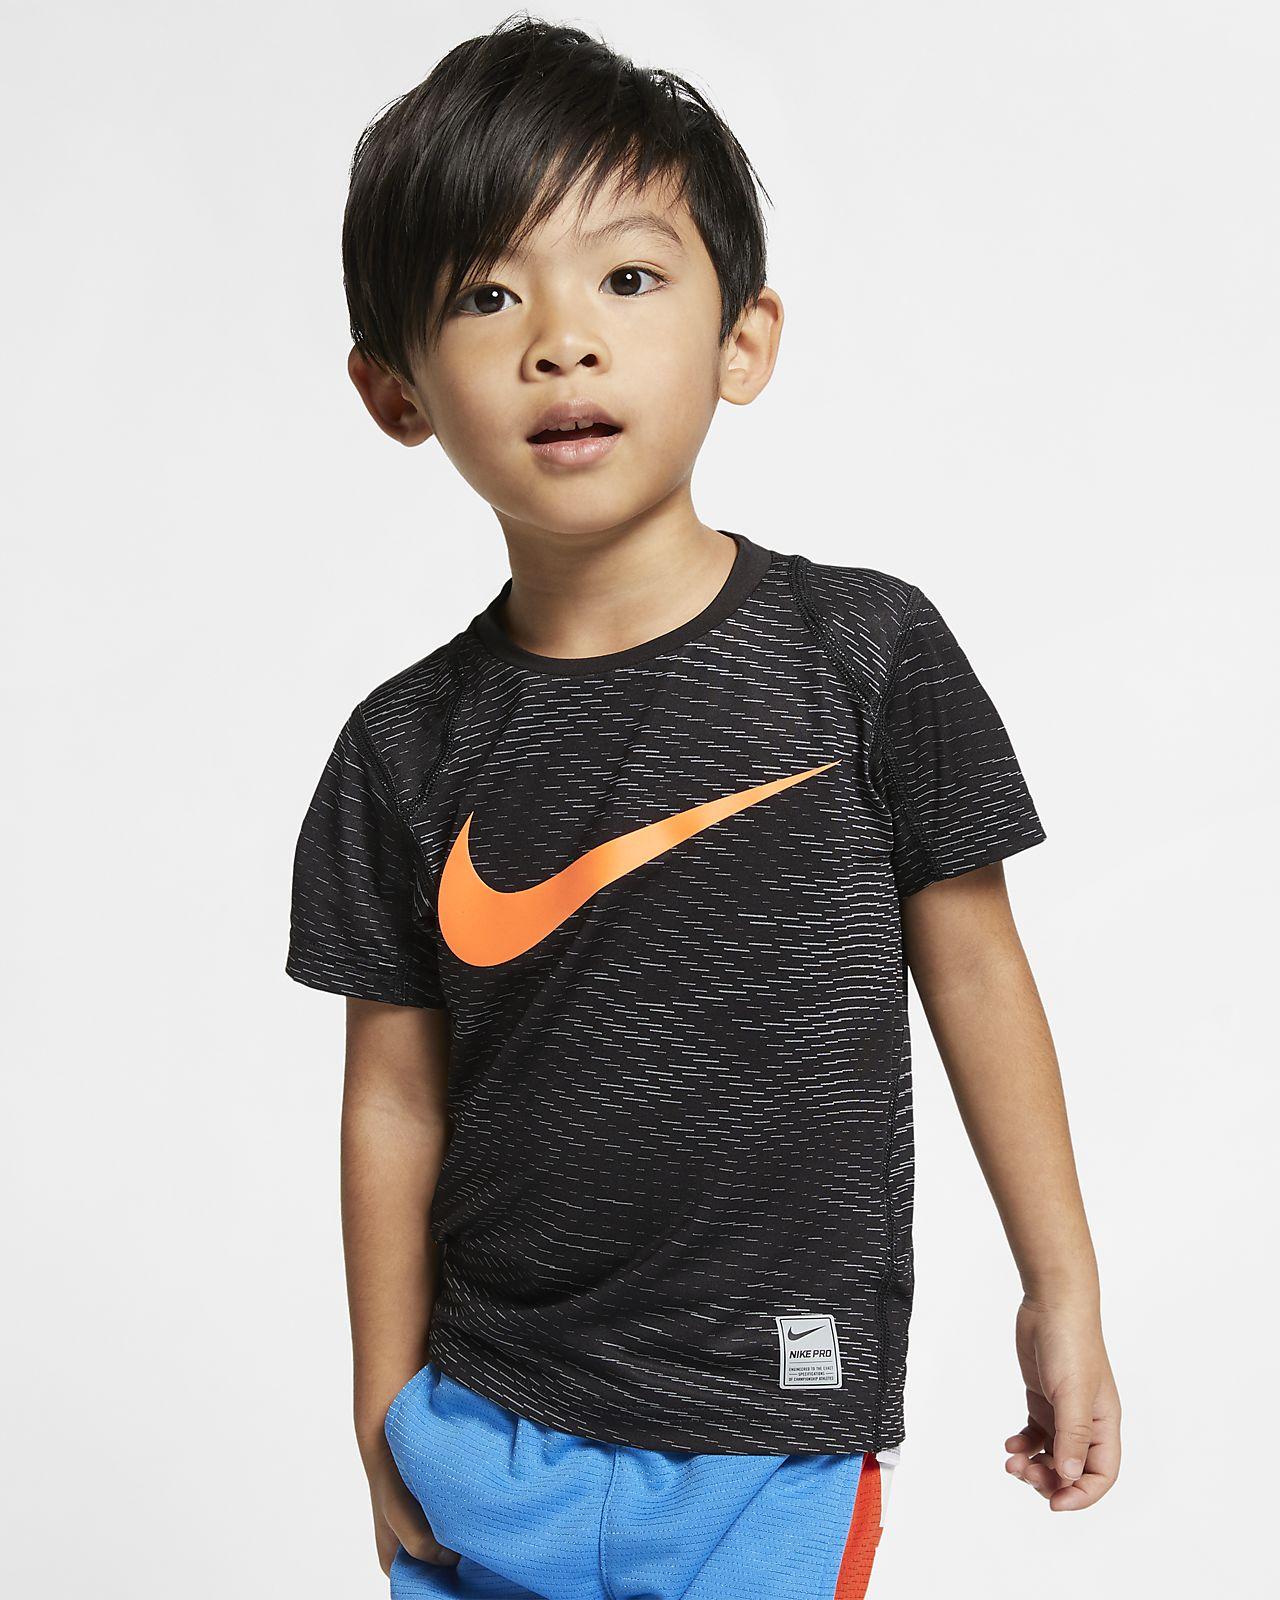 Nike Dri-FIT Little Kids' Base Layer Top